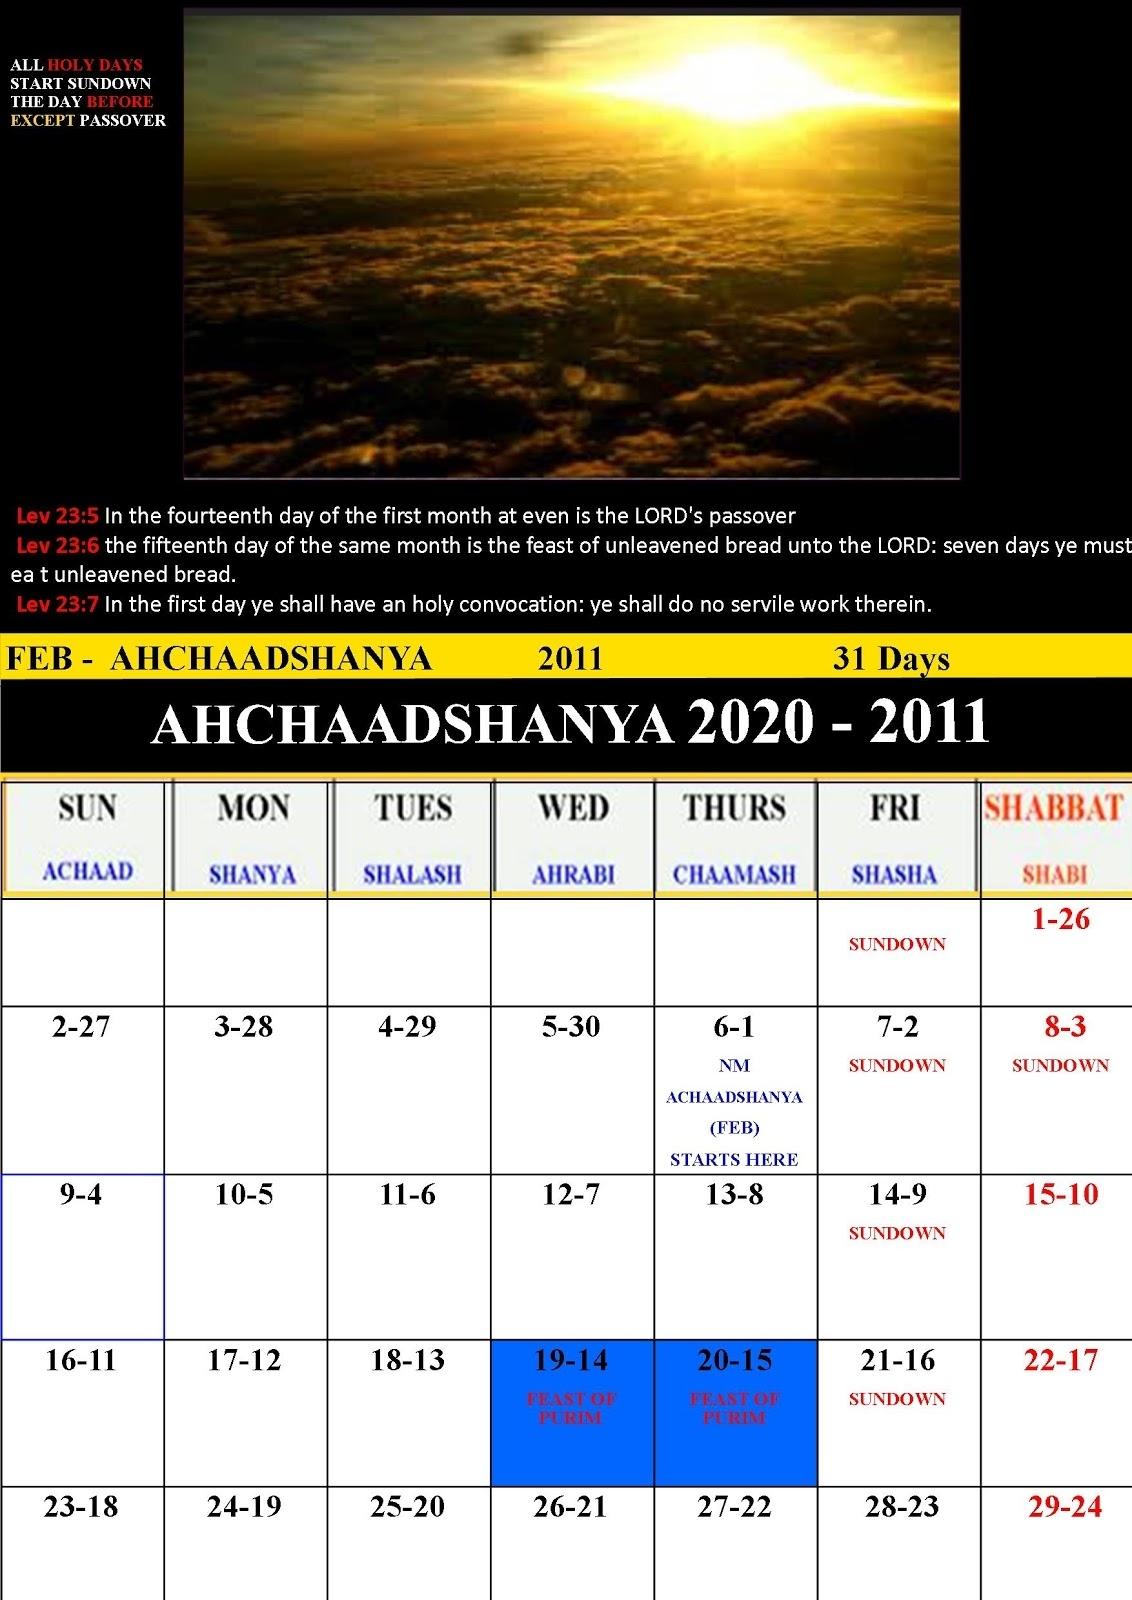 Coitimes Hebrew Calendar: 2019-2020 Enoch Hebrew Calendar regarding 2019-2020 Hebrew Calendar